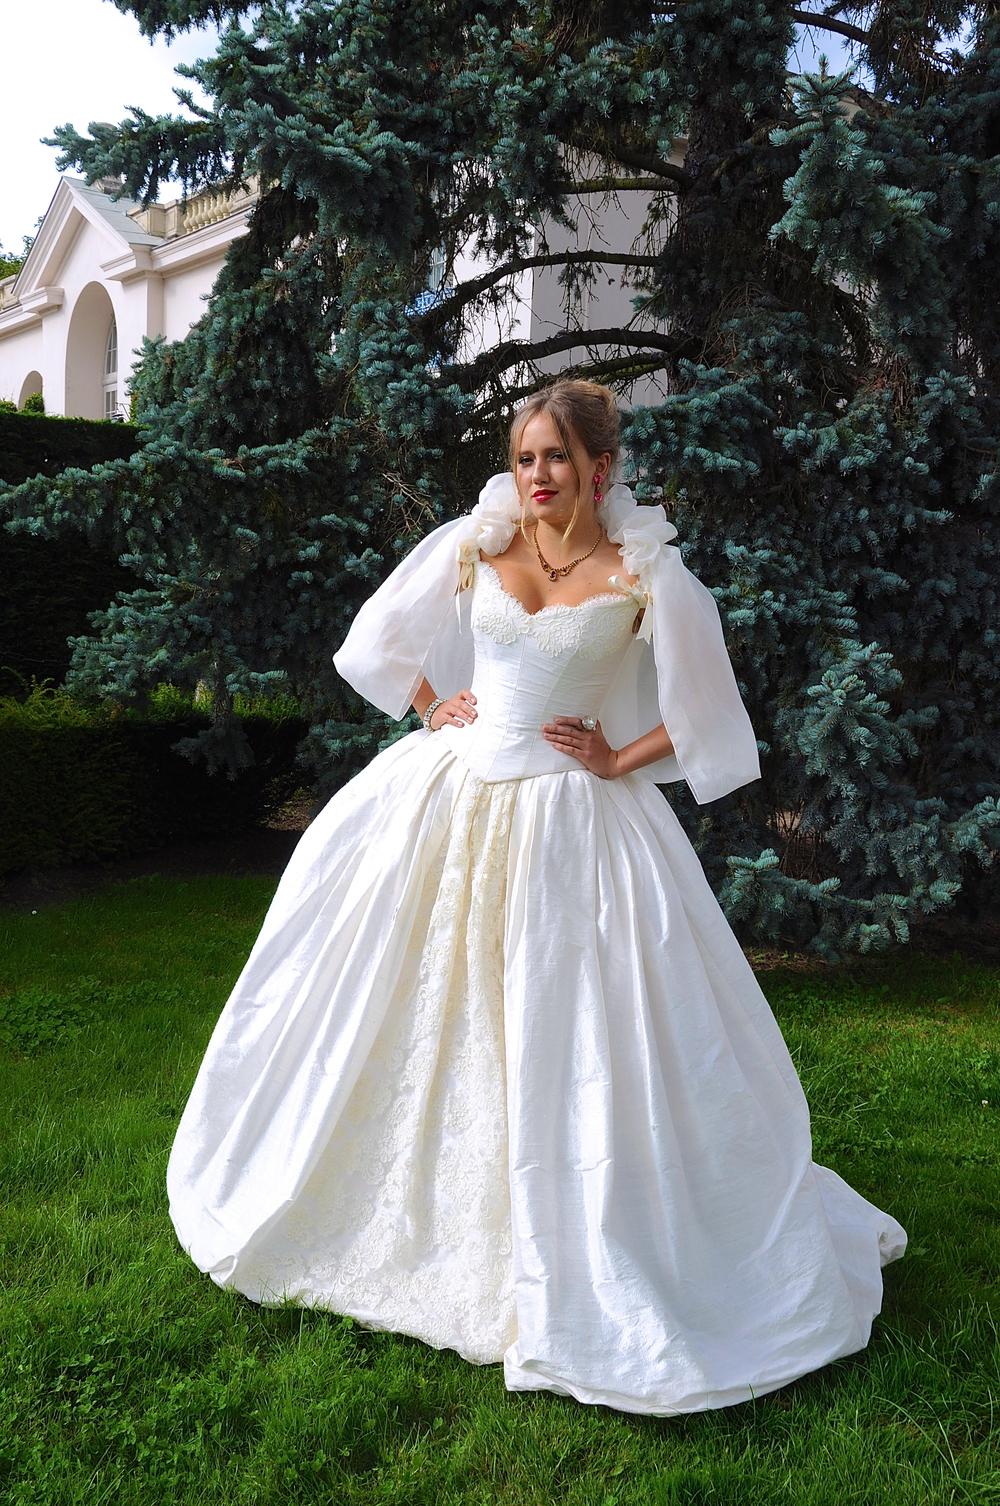 Robe de mariée Fantasja en soie sauvage et dentelle de Calais, avec petites manches de dentelle et cape en organza de soie